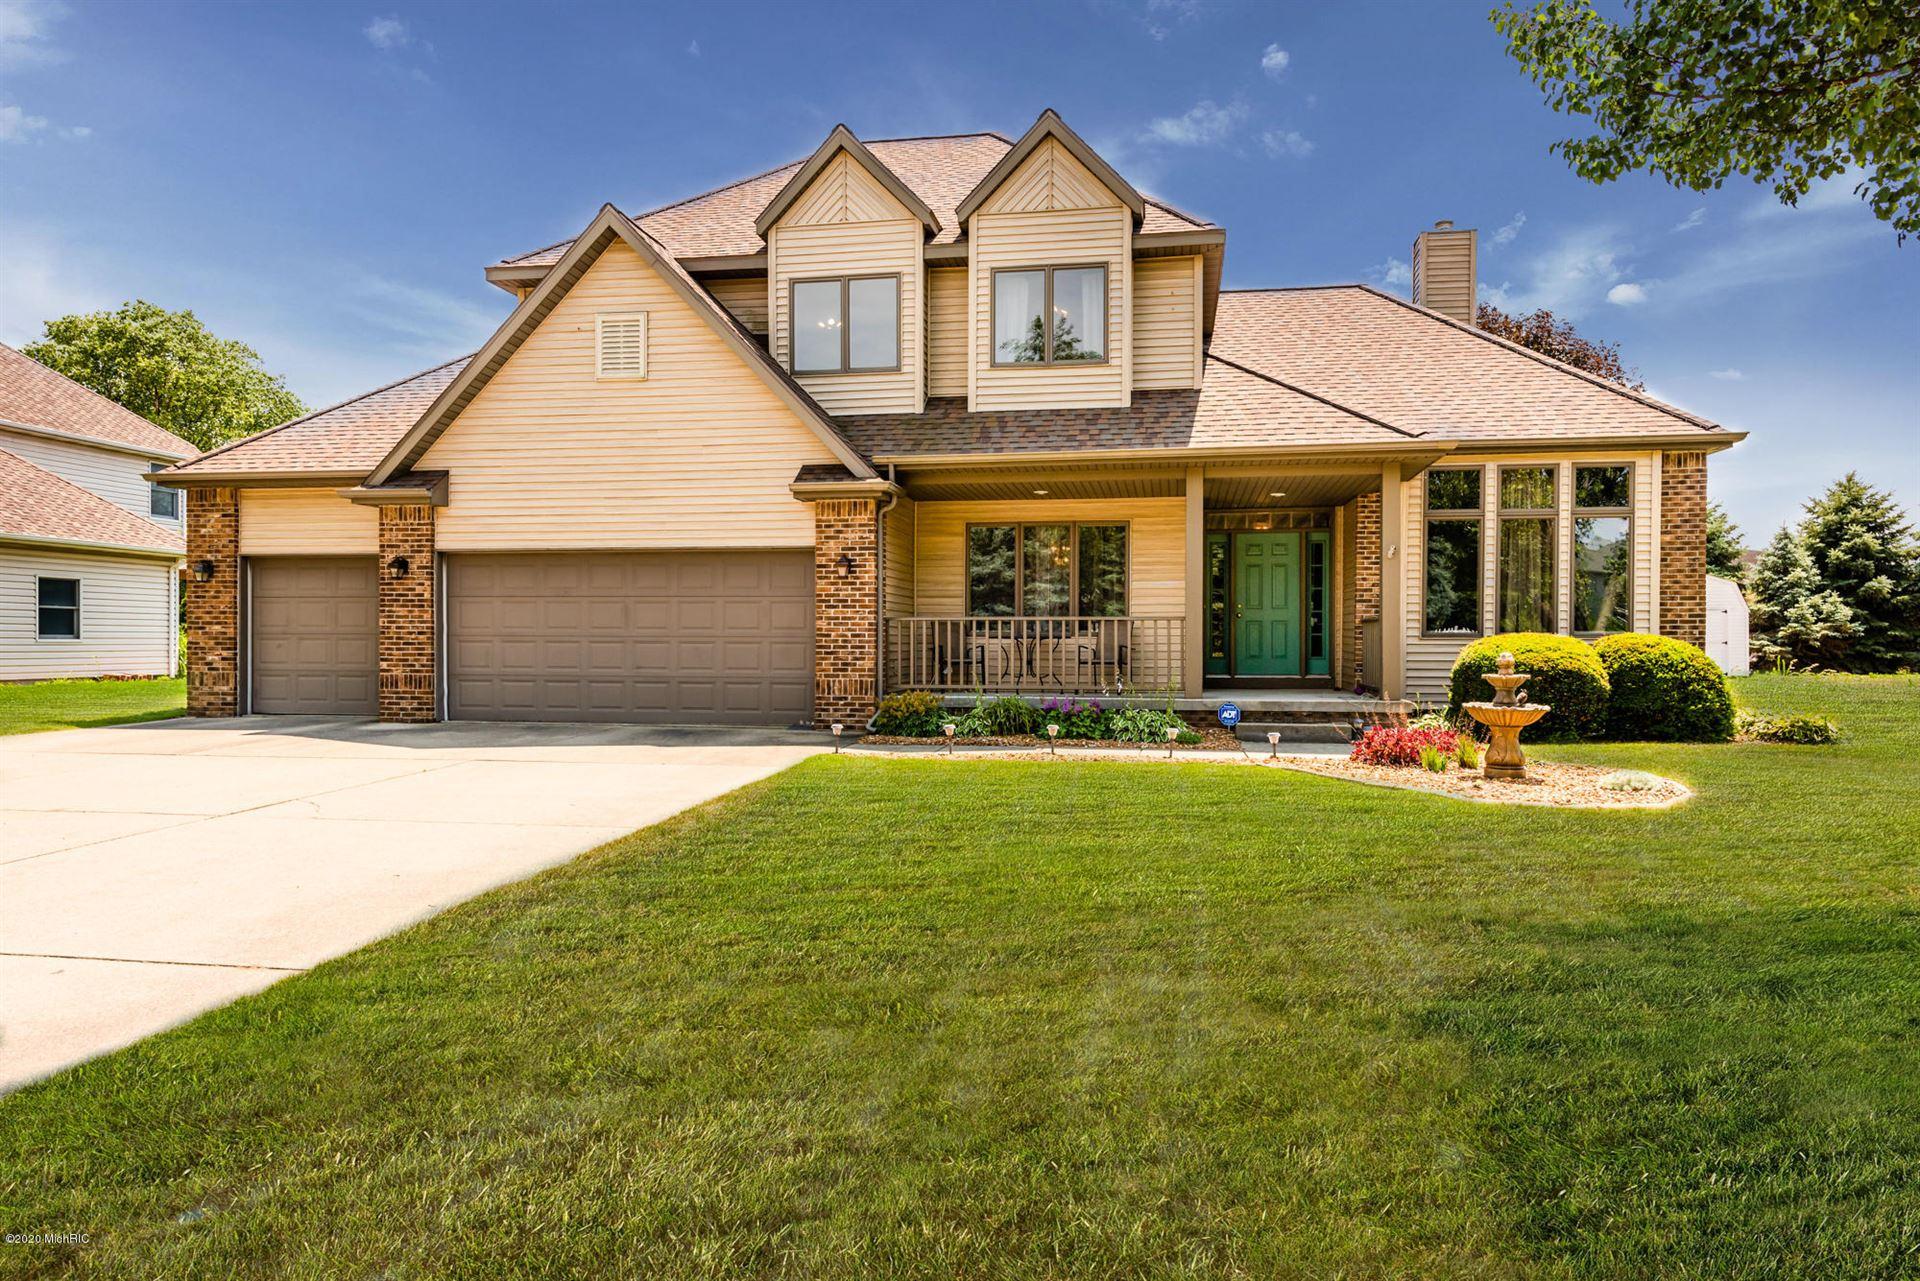 3790 Stelter Farm Drive, Bridgman, MI 49106 - MLS#: 20026602